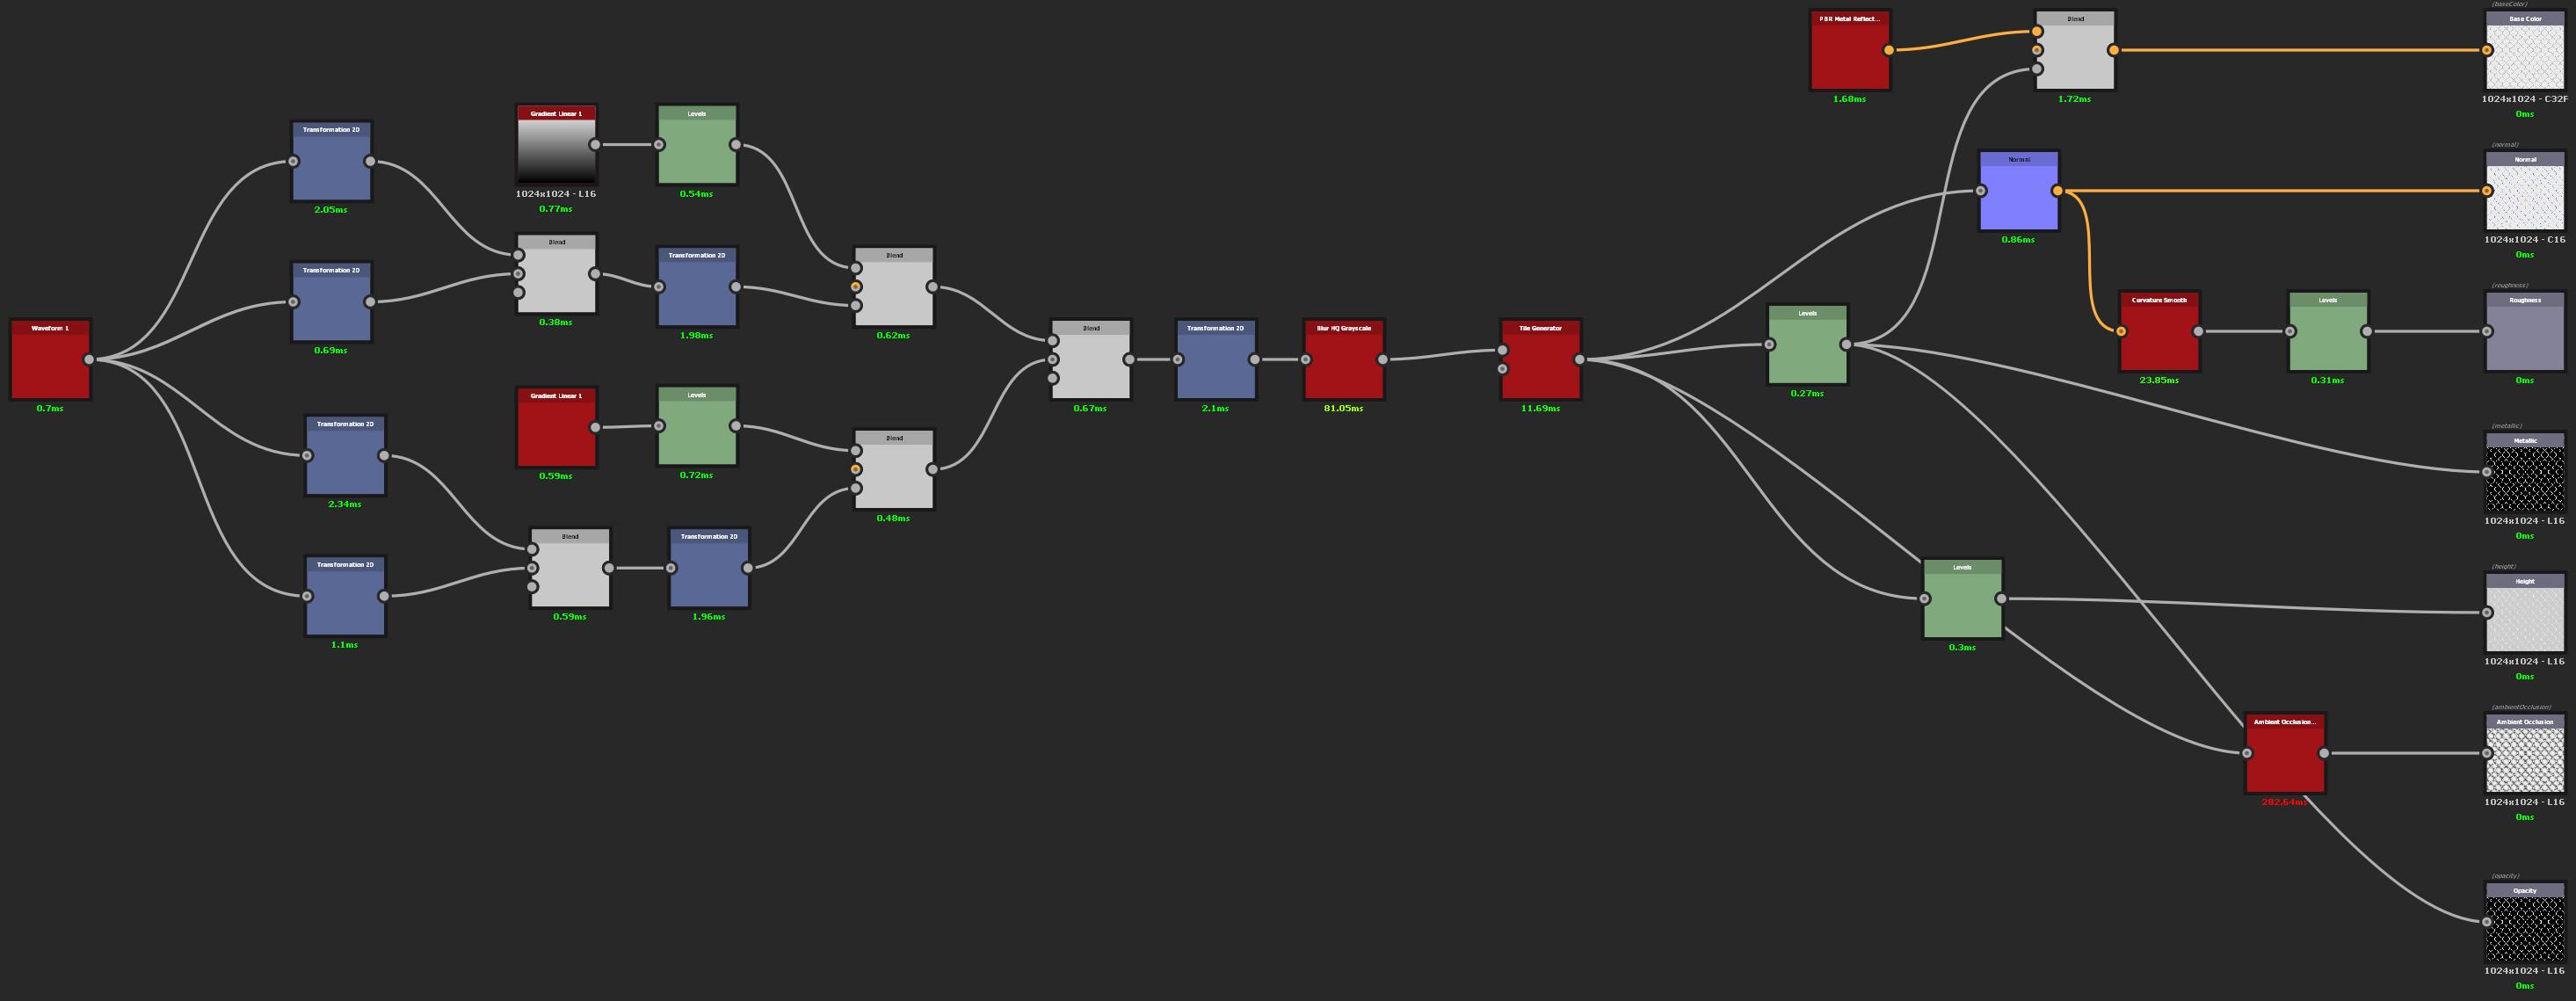 Chain Link Shader Node